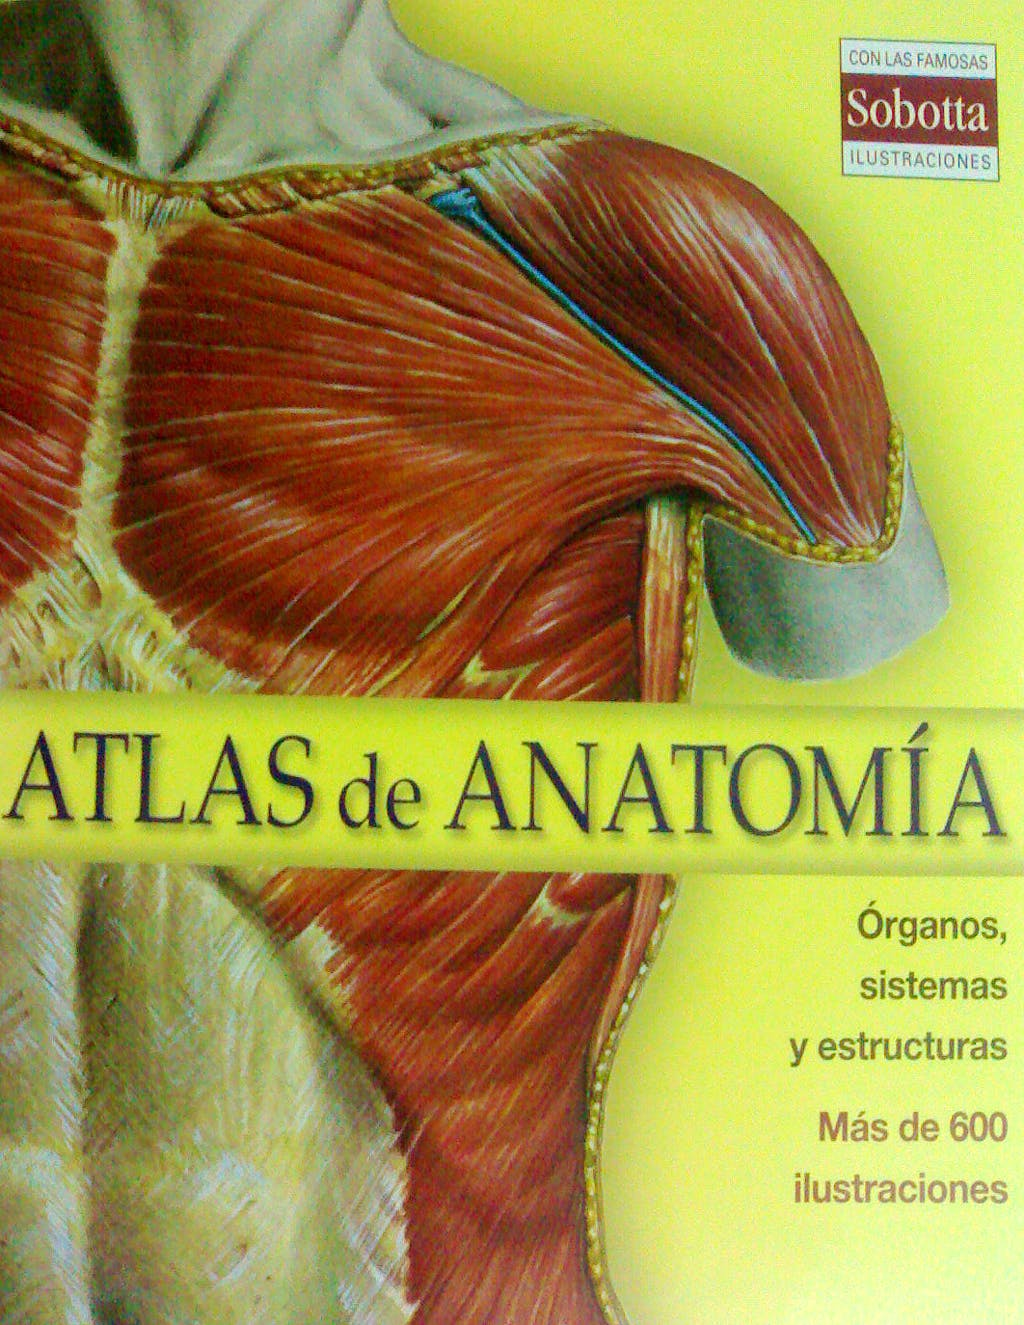 Producto: Sobotta Atlas de Anatomía. Órganos, Sistemas y Estructuras